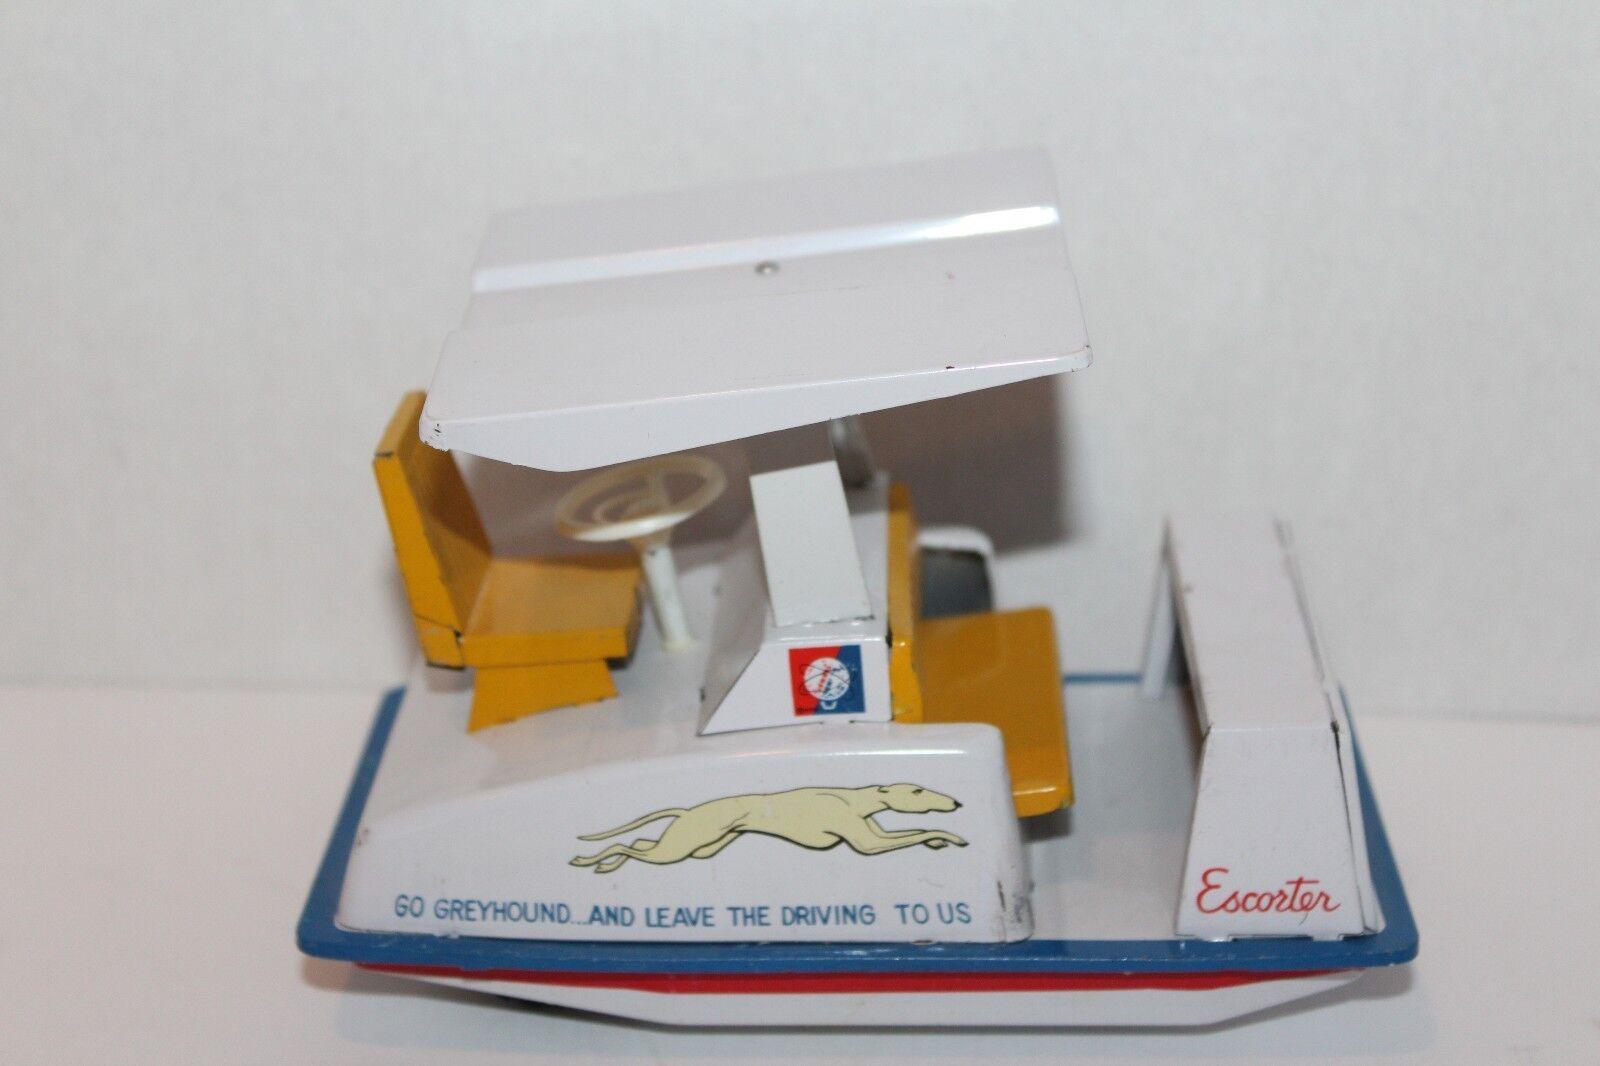 Rare 1964 New York World's Fair Scatola di Latta Friction grigiohound Escorter